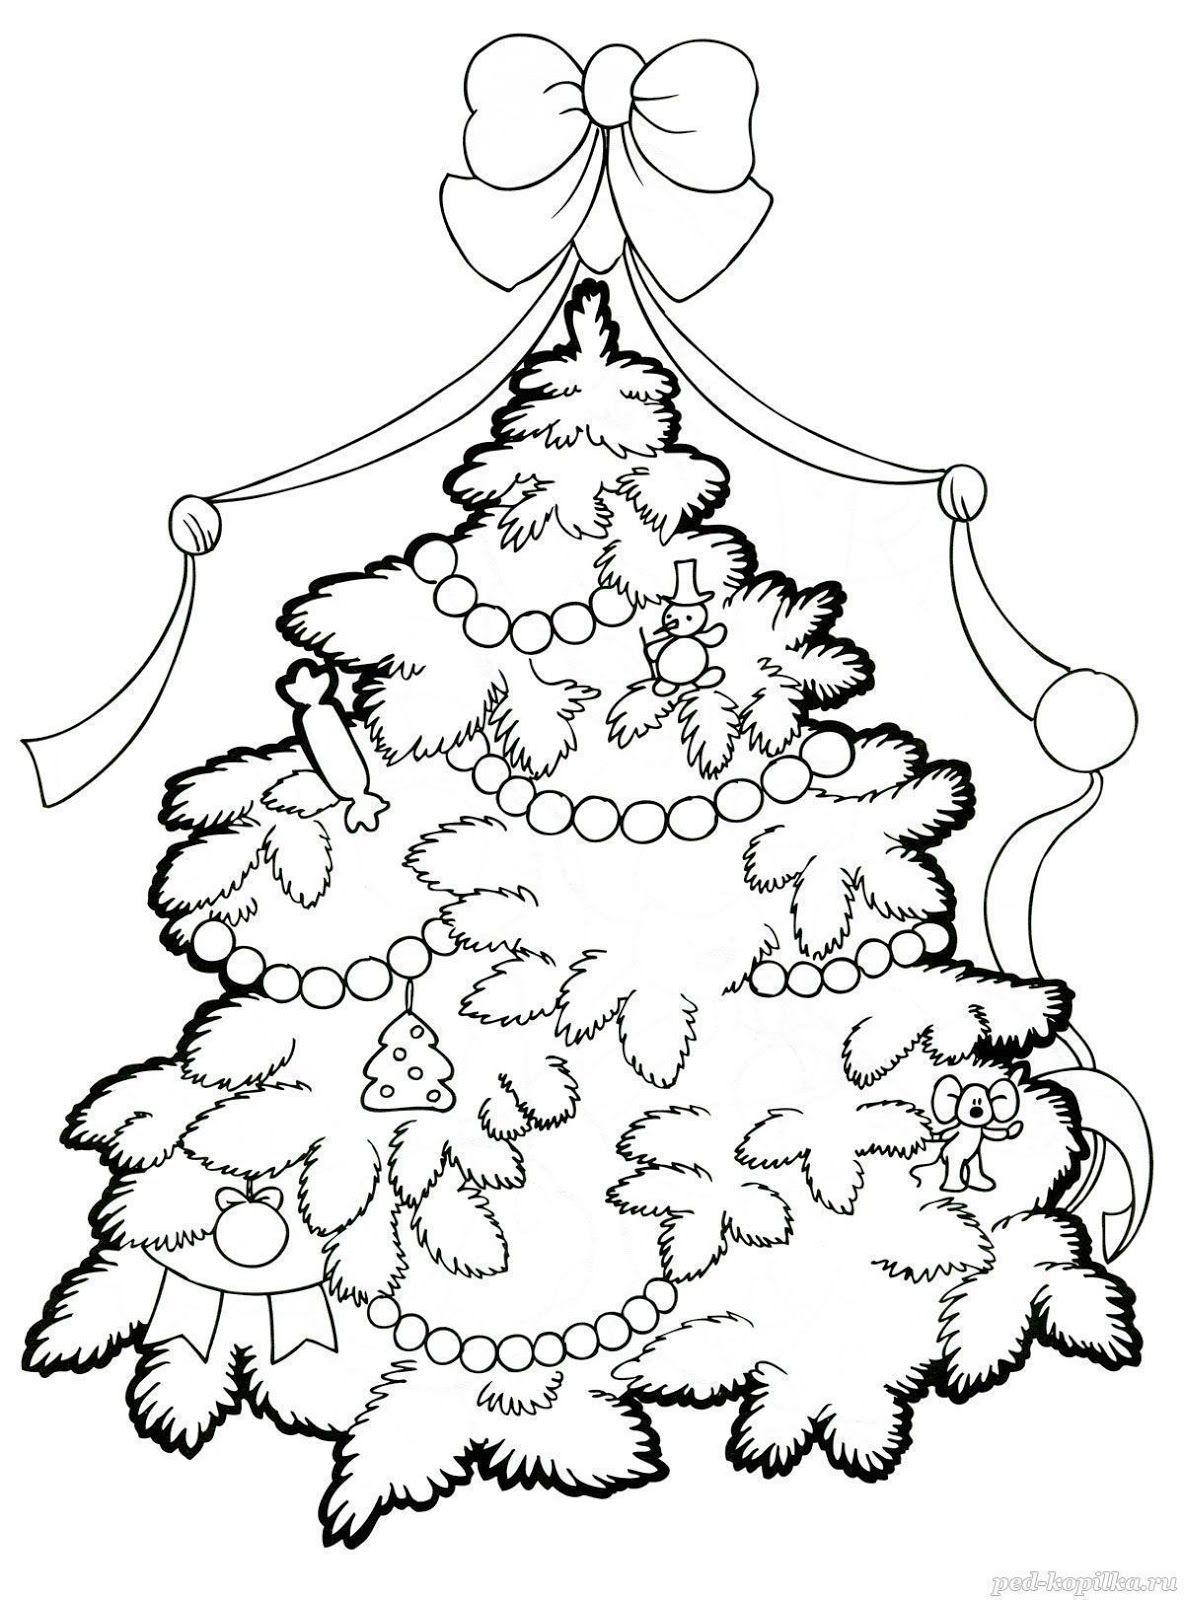 malvorlagen für weihnachten  malvorlagen vorlagen